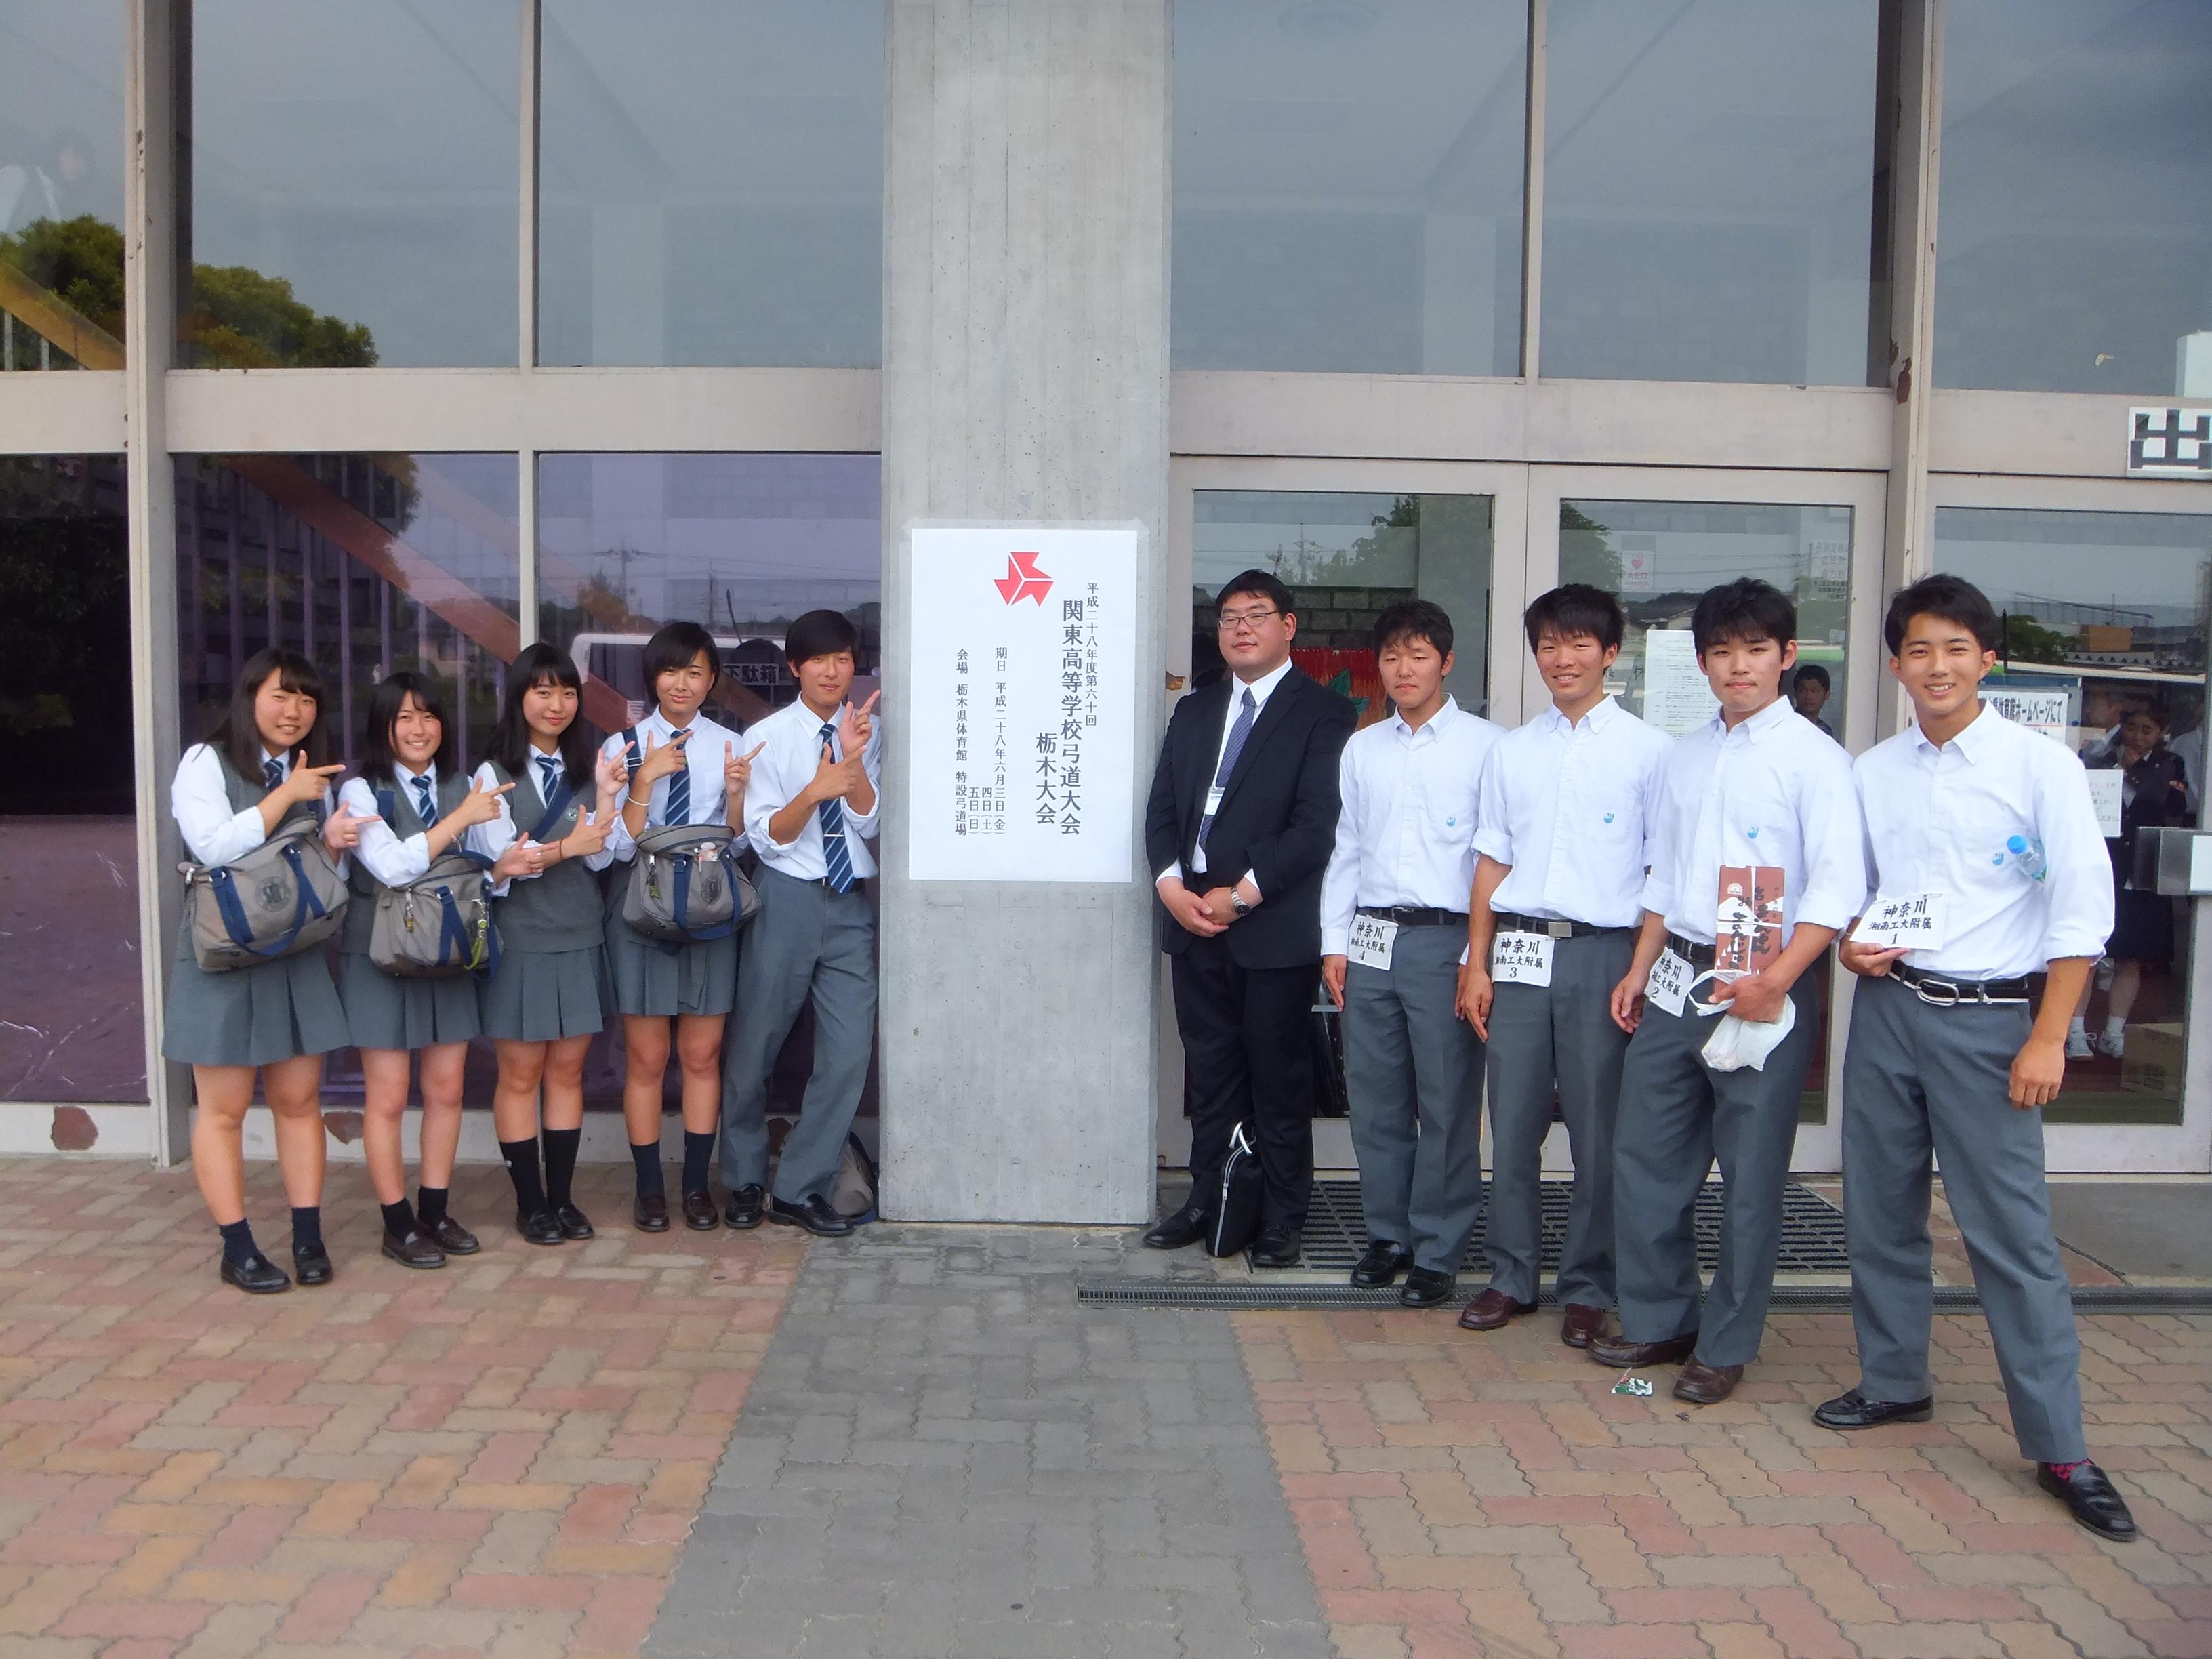 高等 学校 工科 湘南 大学 附属